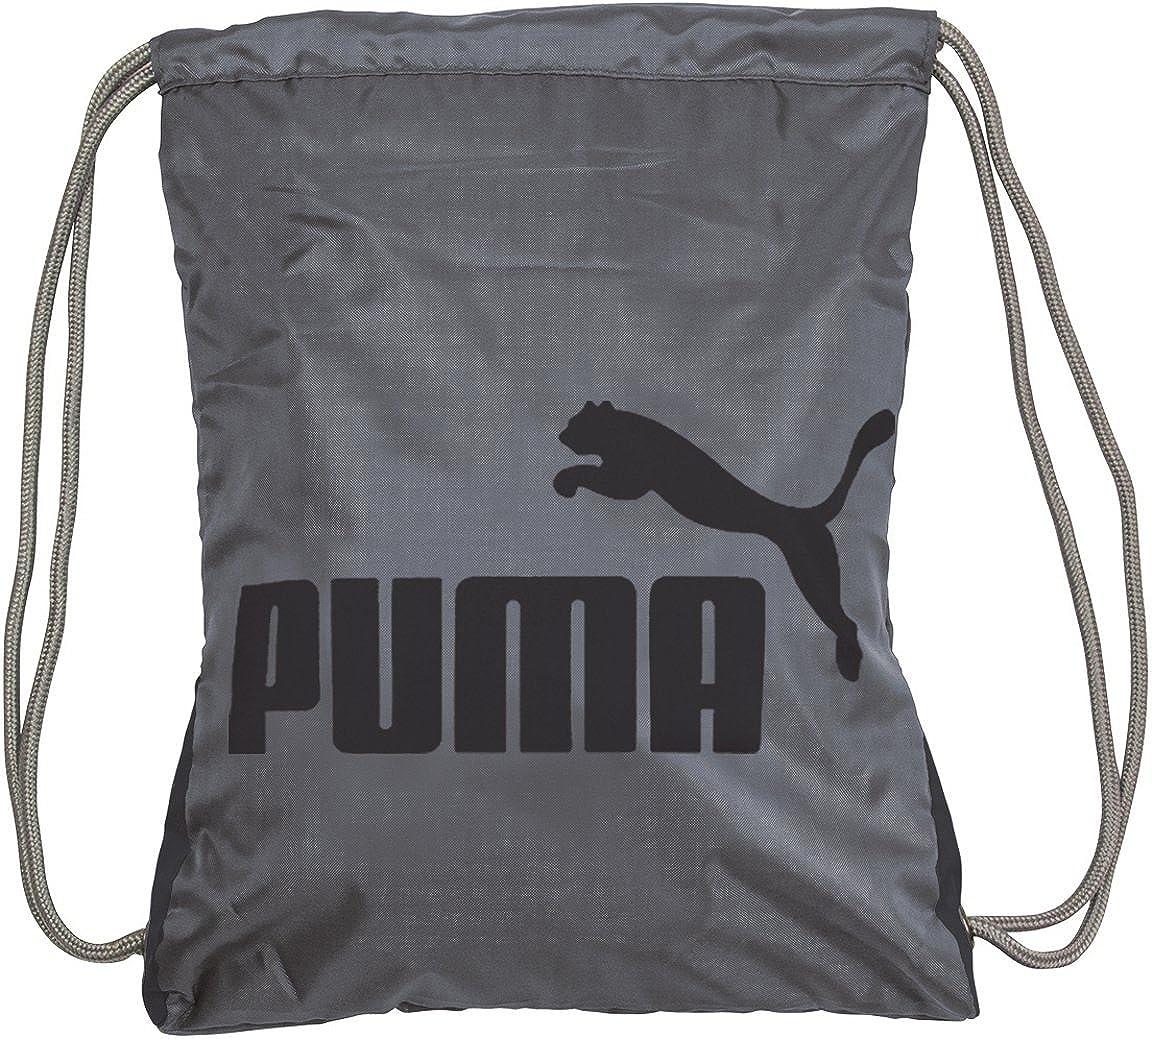 PUMA Boys Big Evercat Advantage Reversible Carrysack Navy OS PV1749AZ-460